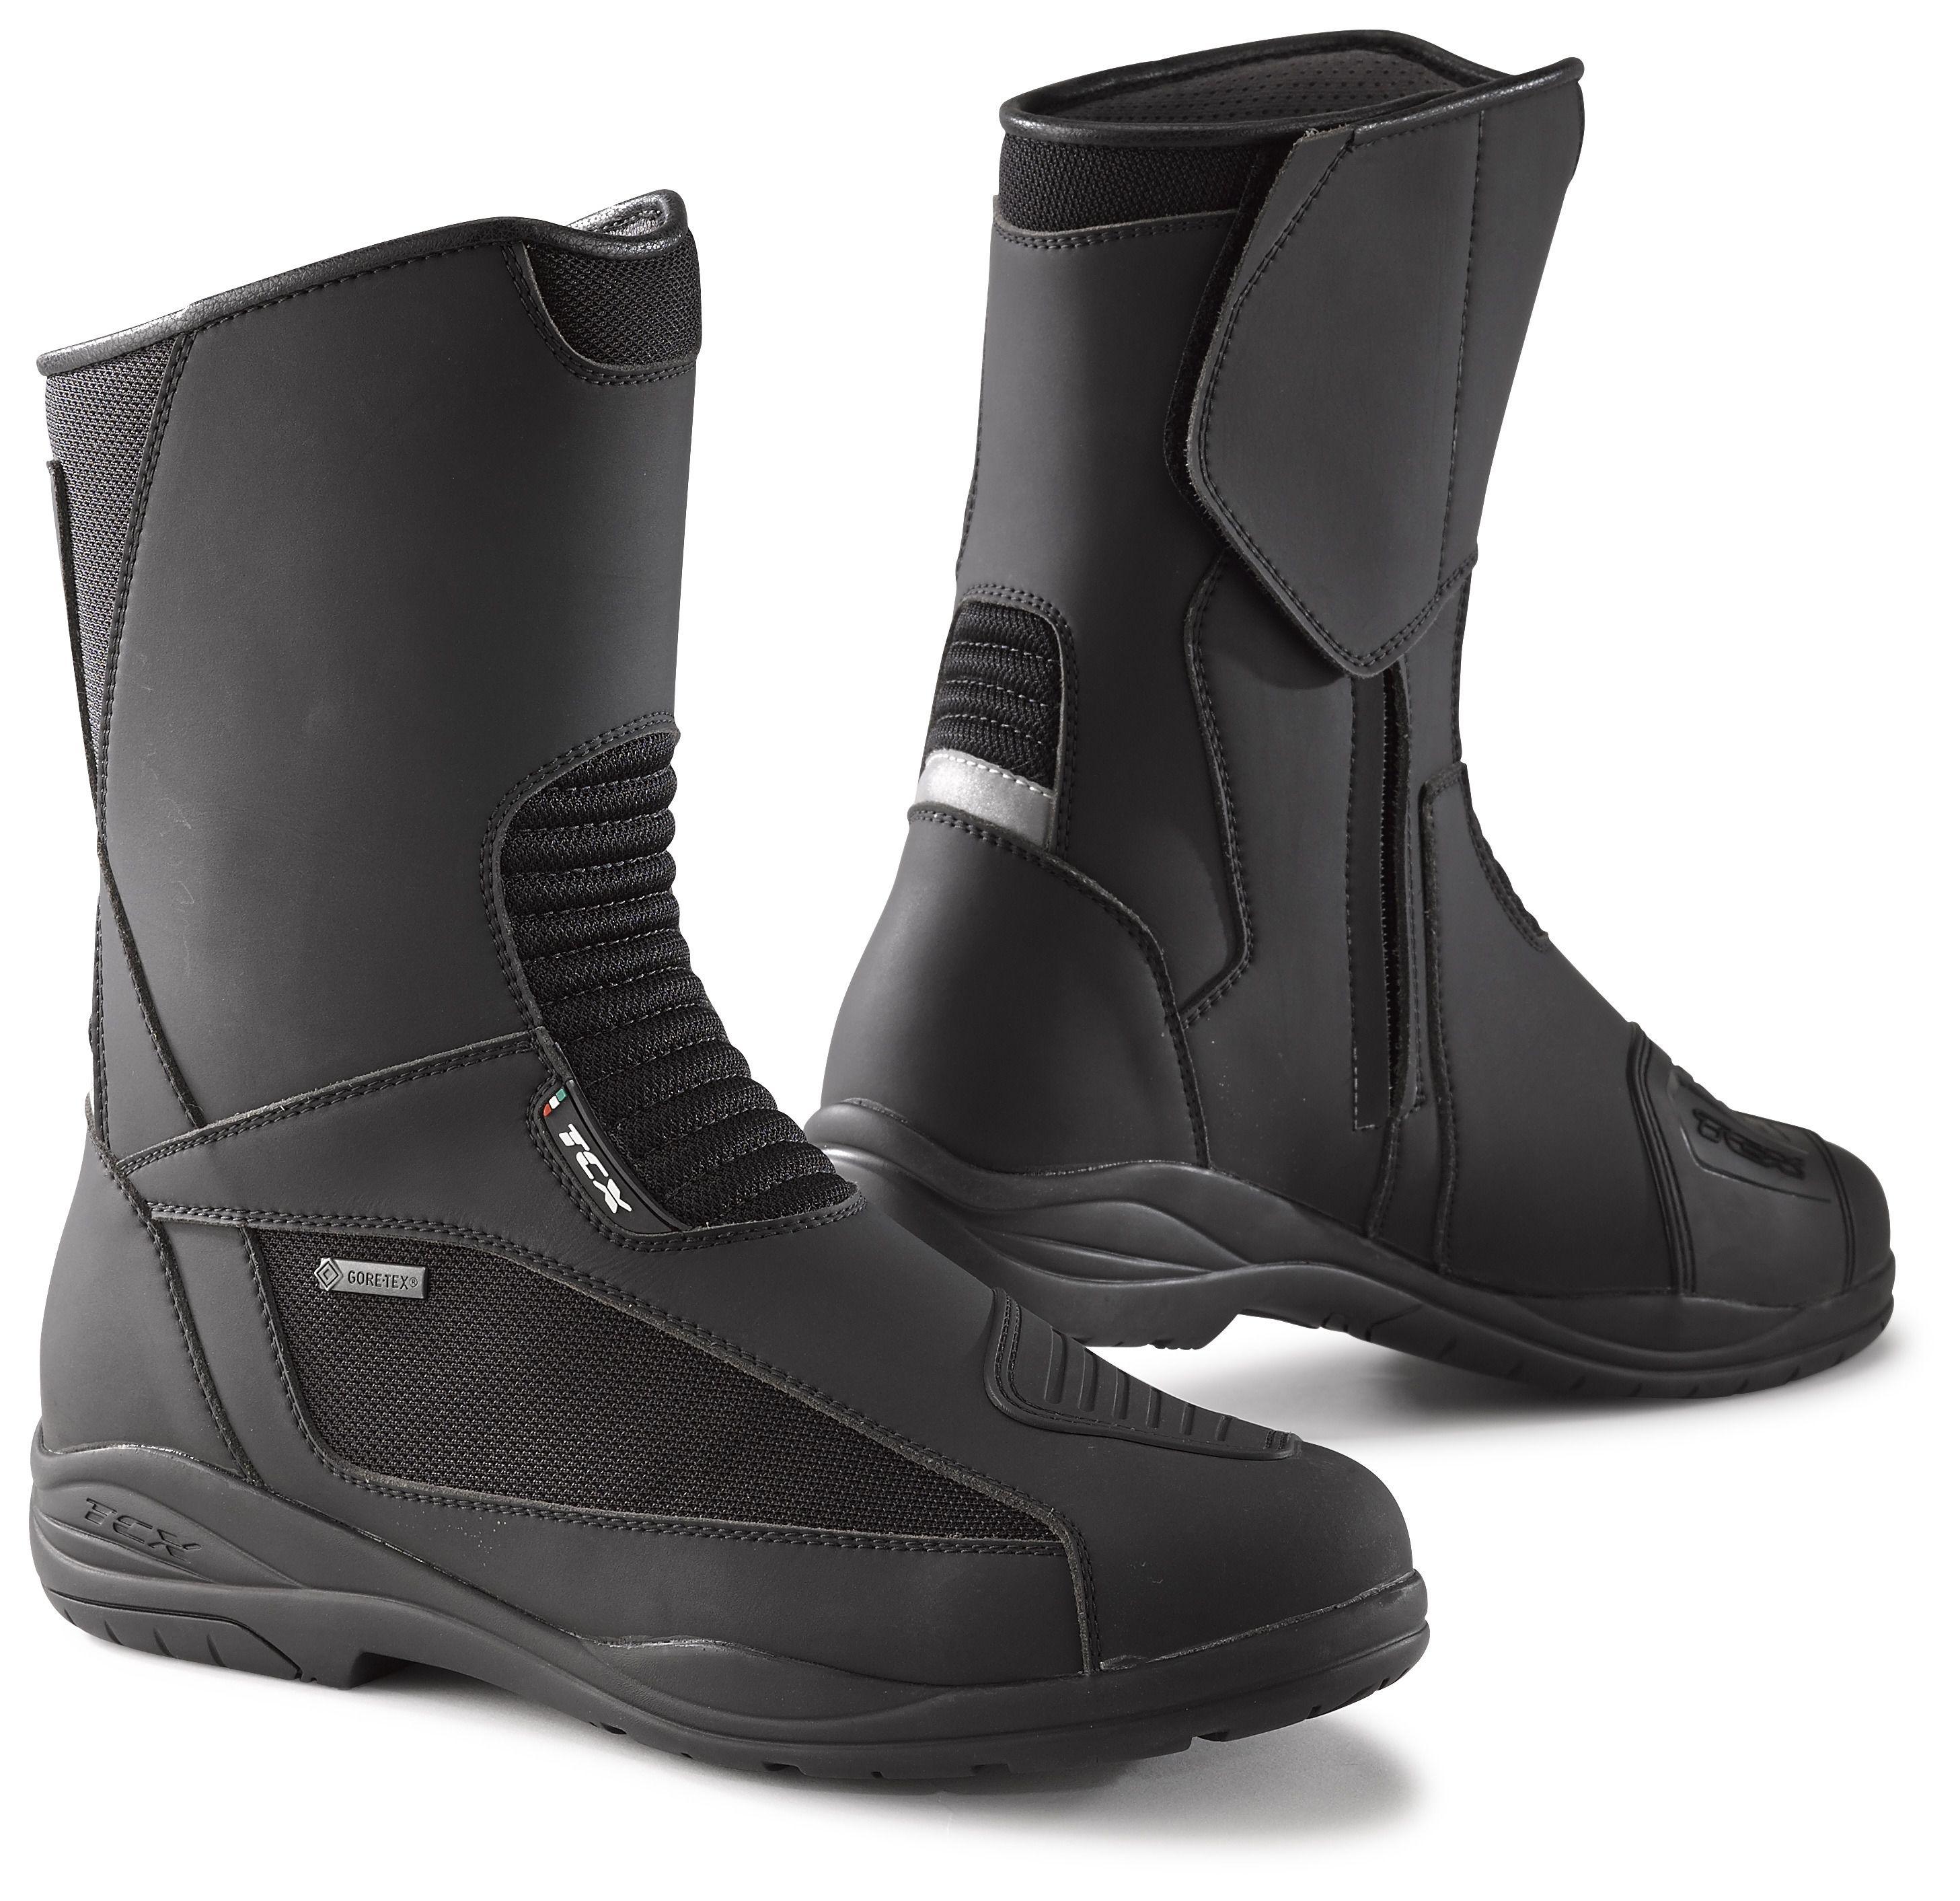 TCX Explorer EVO Gore-Tex Boots - RevZilla